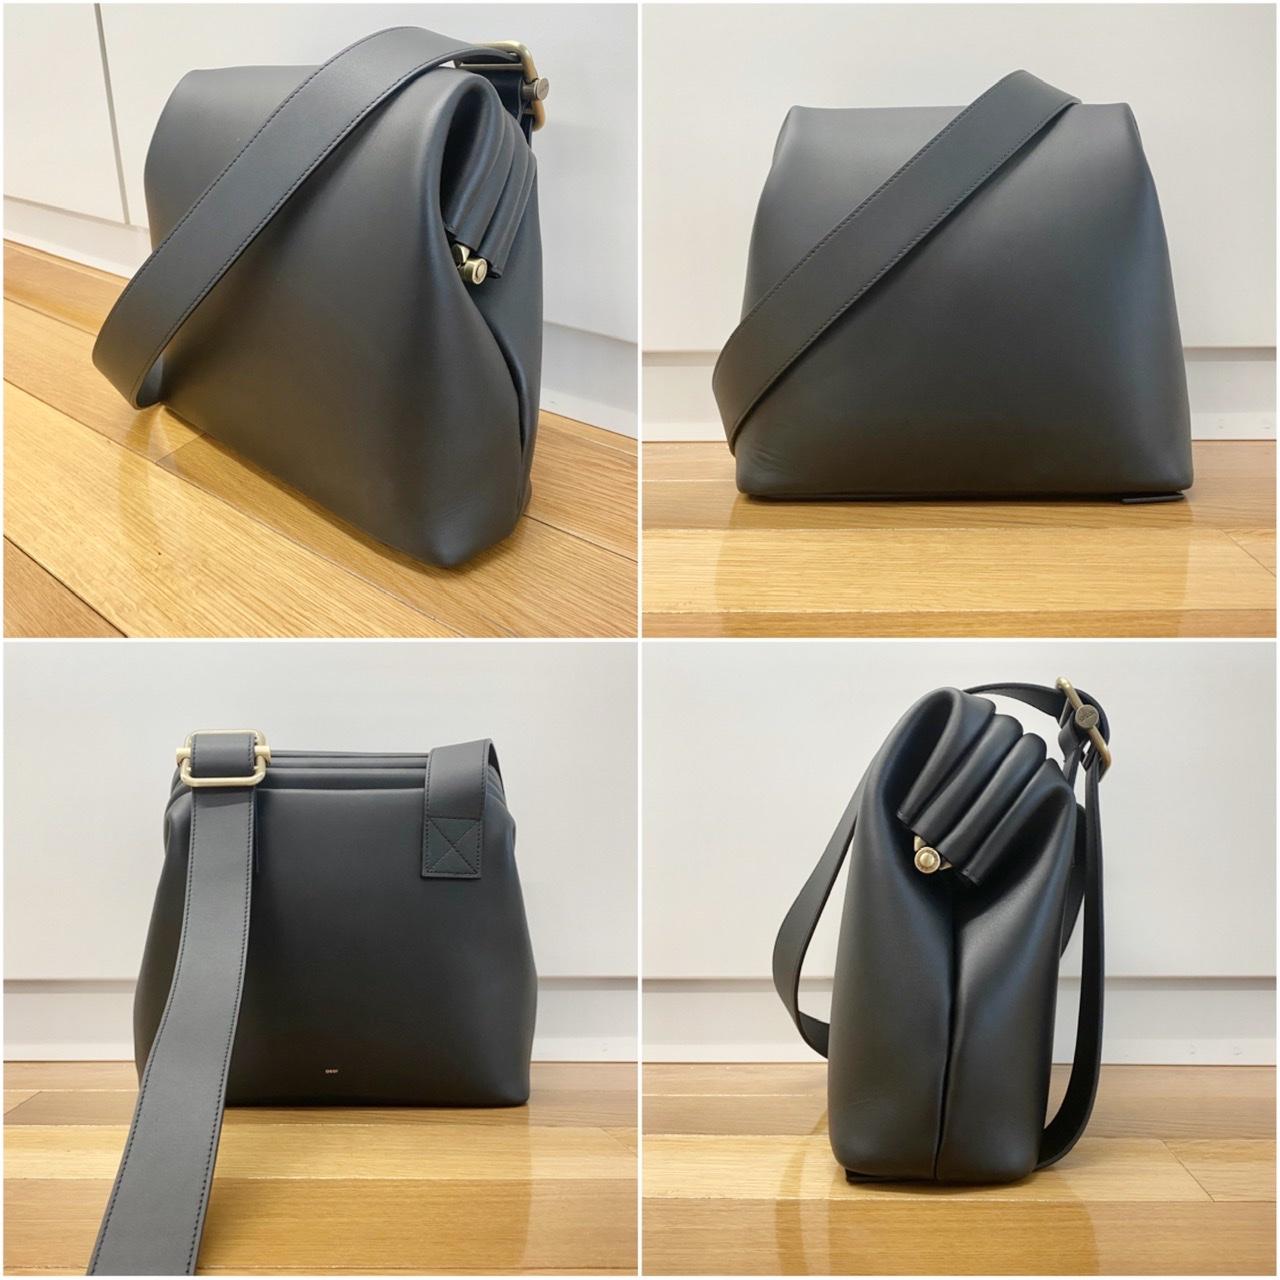 【韓国ブランド】「いつも持ってるそのバッグ、可愛いよね」と言われたい 【#この愛を語らせて03】_2